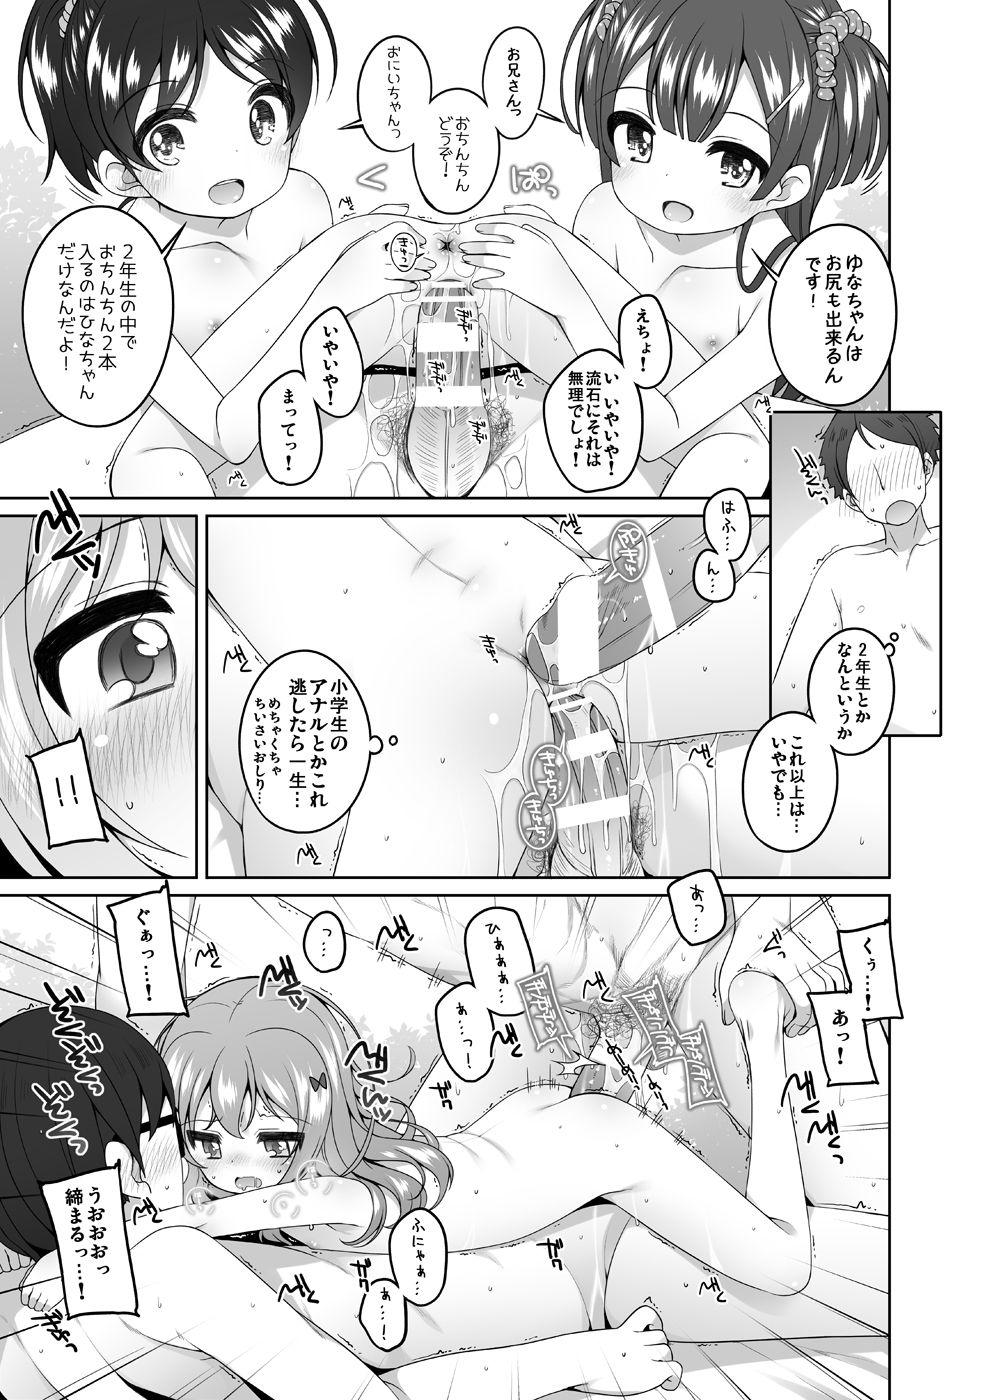 [kuma-puro (Shouji Ayumu)] Kodomo Onsen -Yuna & Koharu & Eriko-chan-tachi no Baai- [Digital] 11